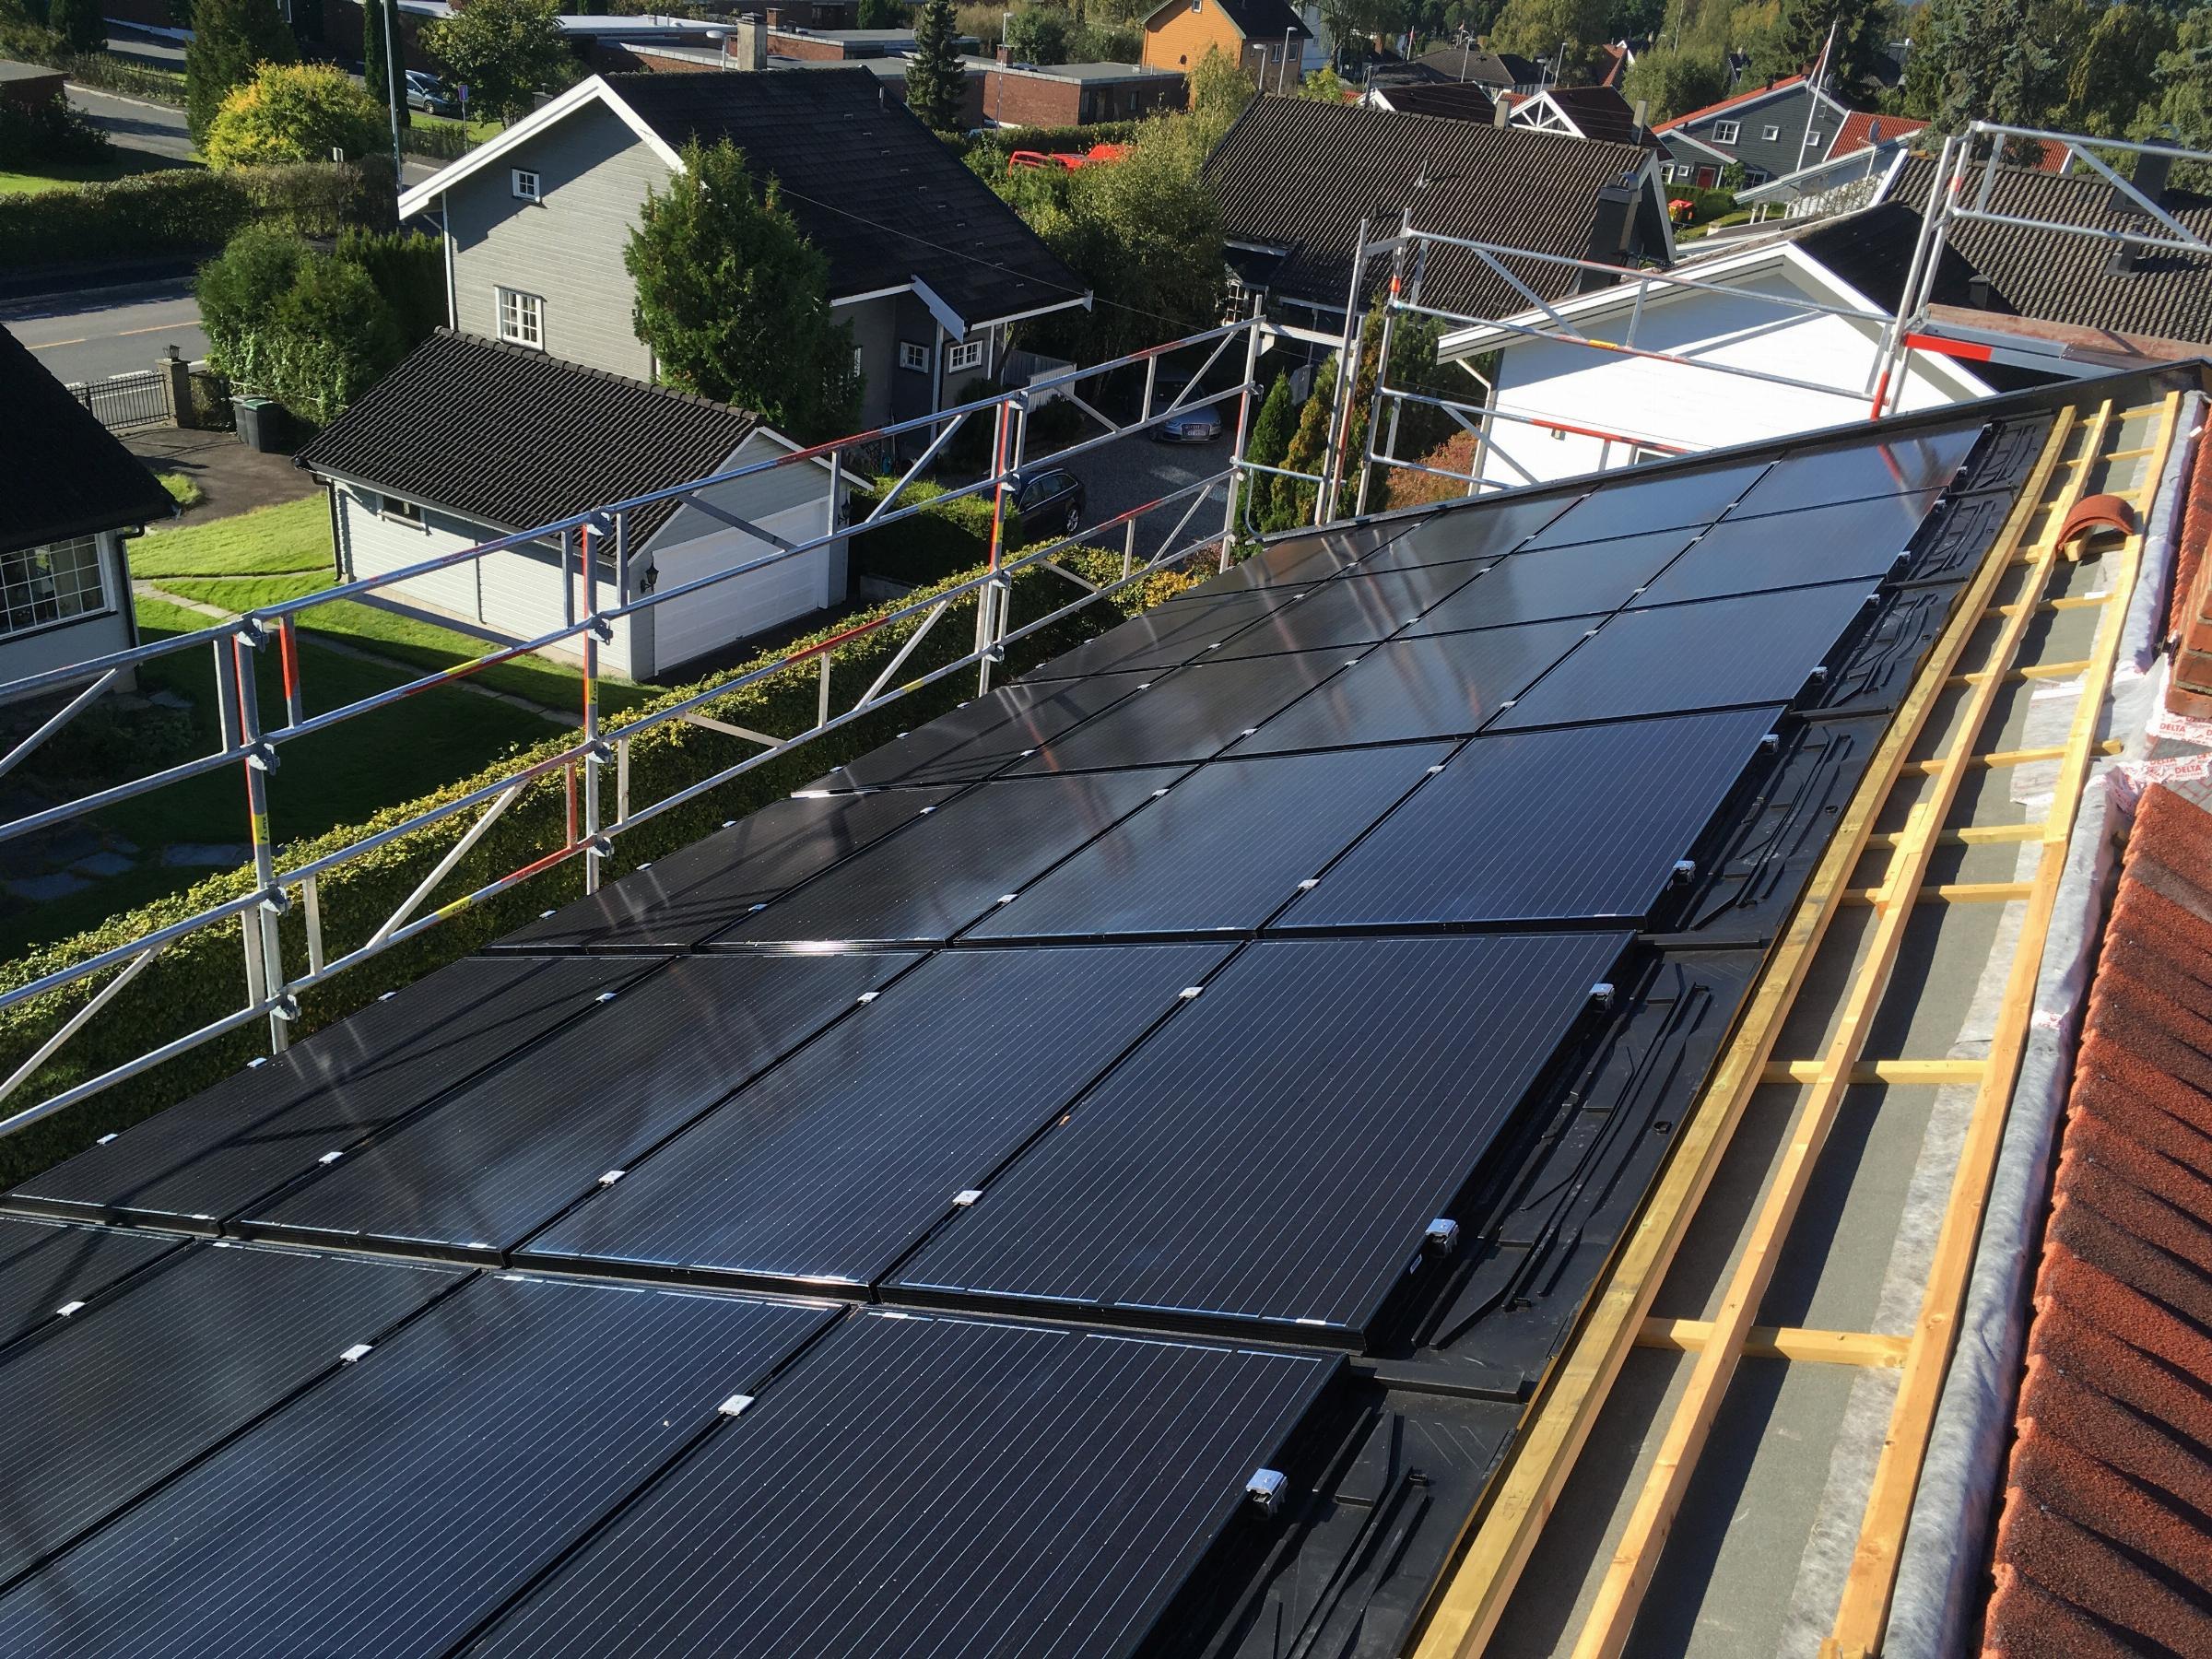 Tilskudd til installasjon av solceller i borettslag, sameier og yrkesbygg